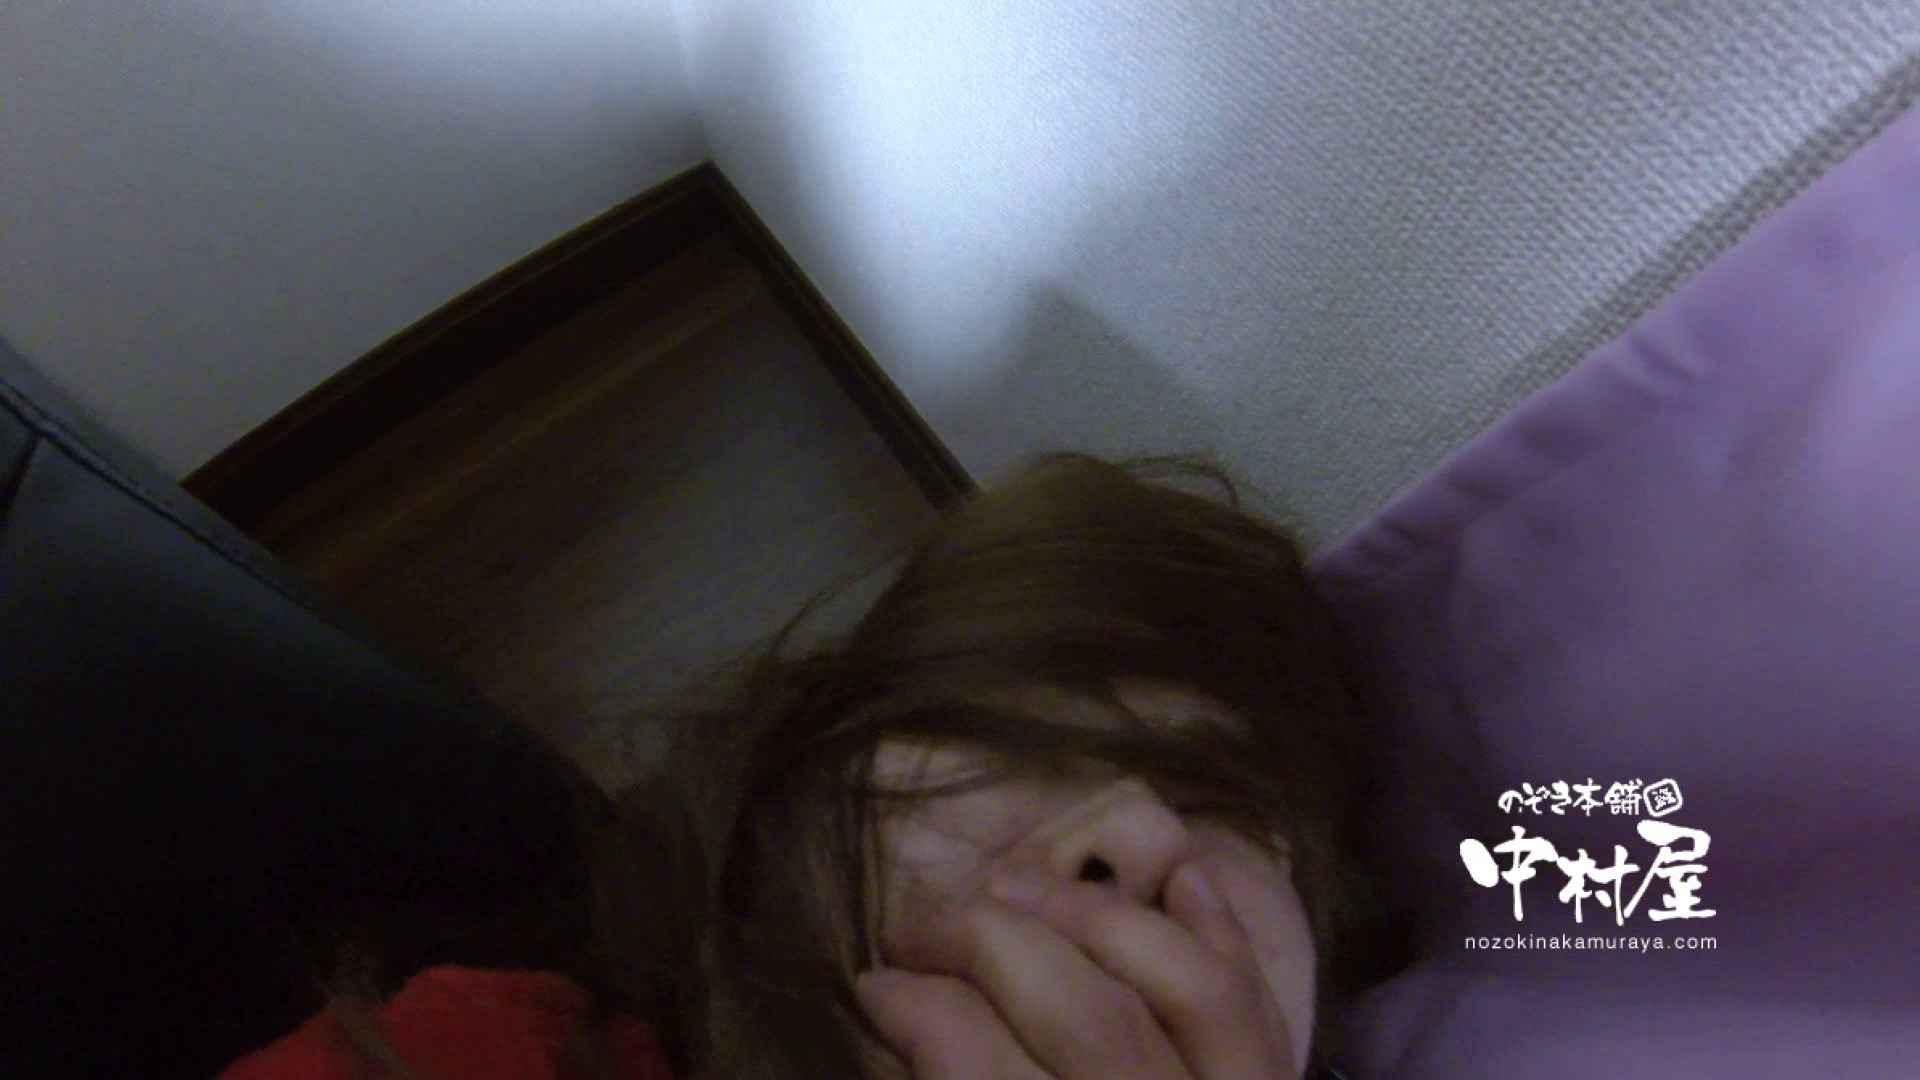 鬼畜 vol.13 もうなすがママ→結果クリームパイ 前編 エッチなセックス | エロティックなOL  81画像 37